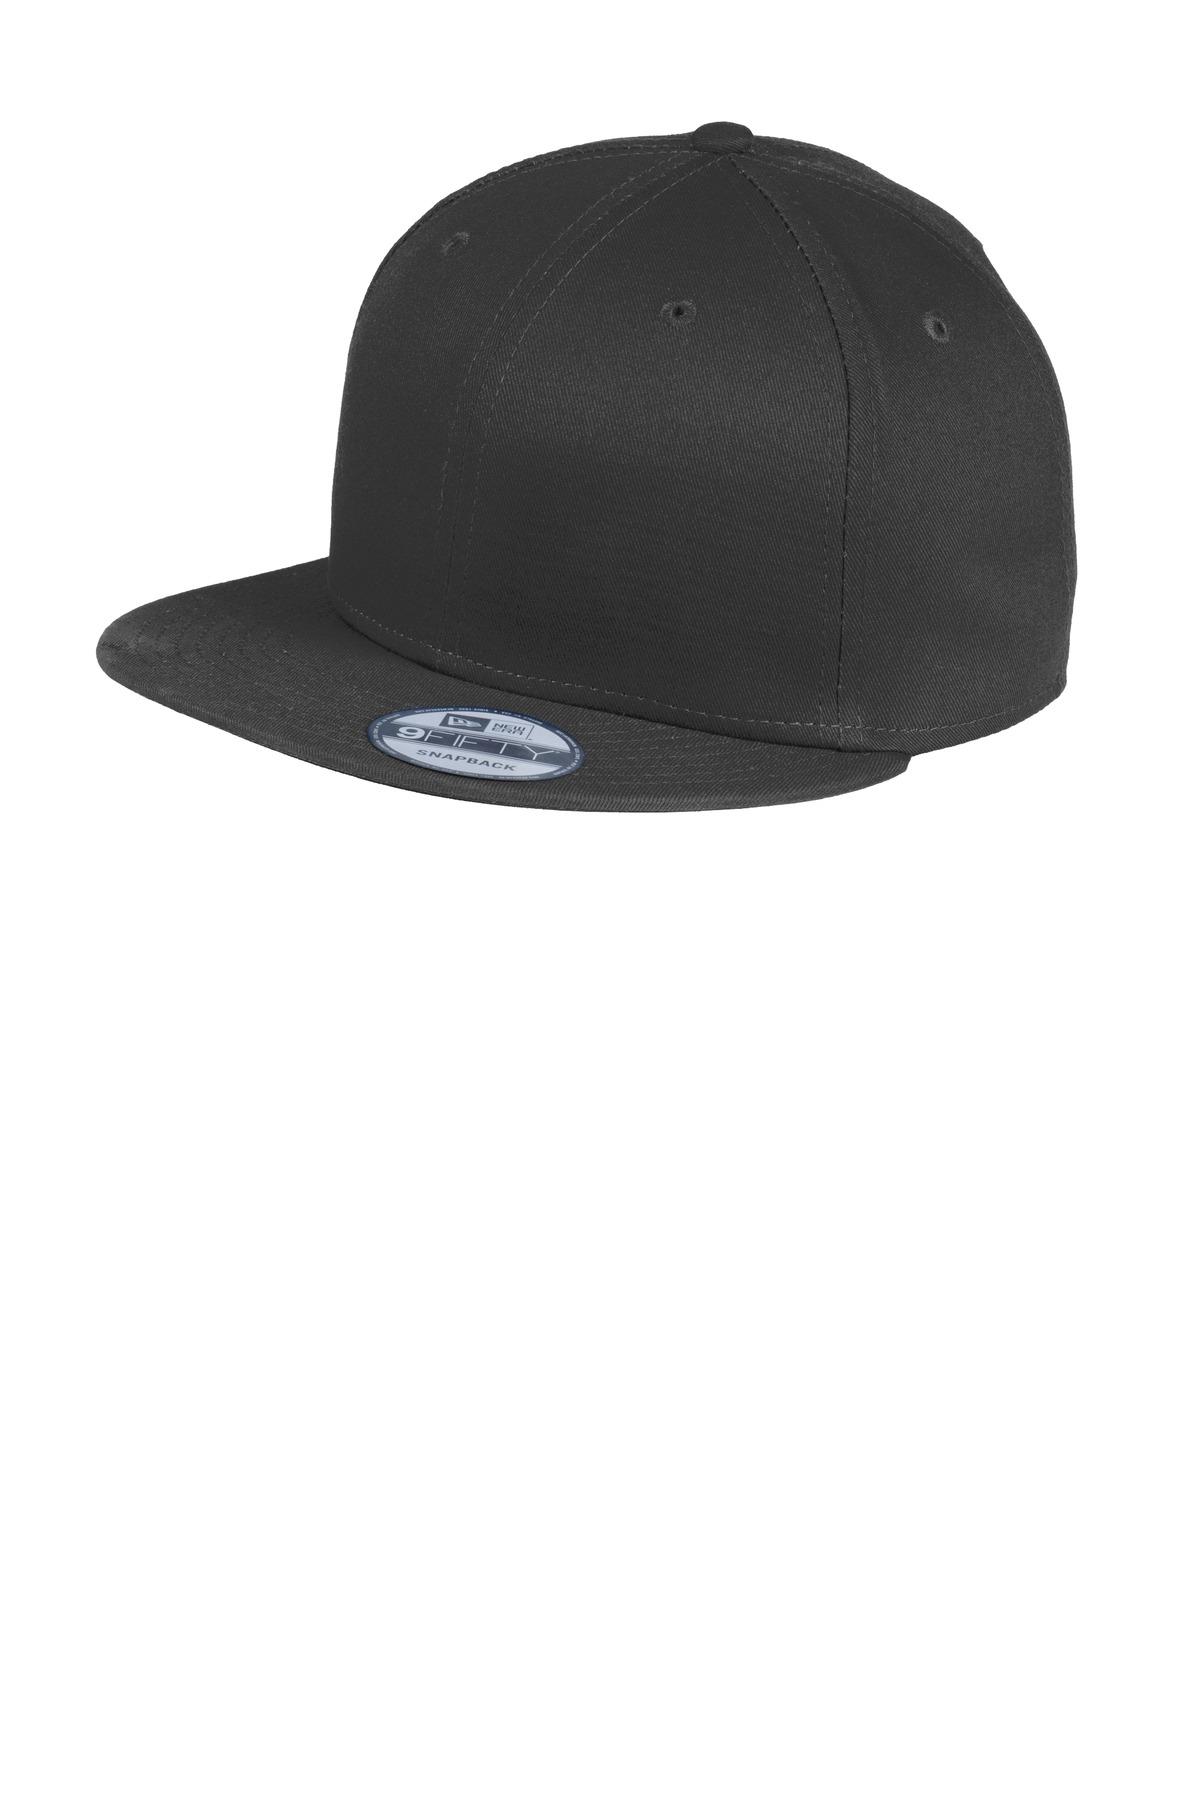 350090c7ef6 Buy New Era® - Flat Bill Snapback Cap. - New Era Online at Best ...